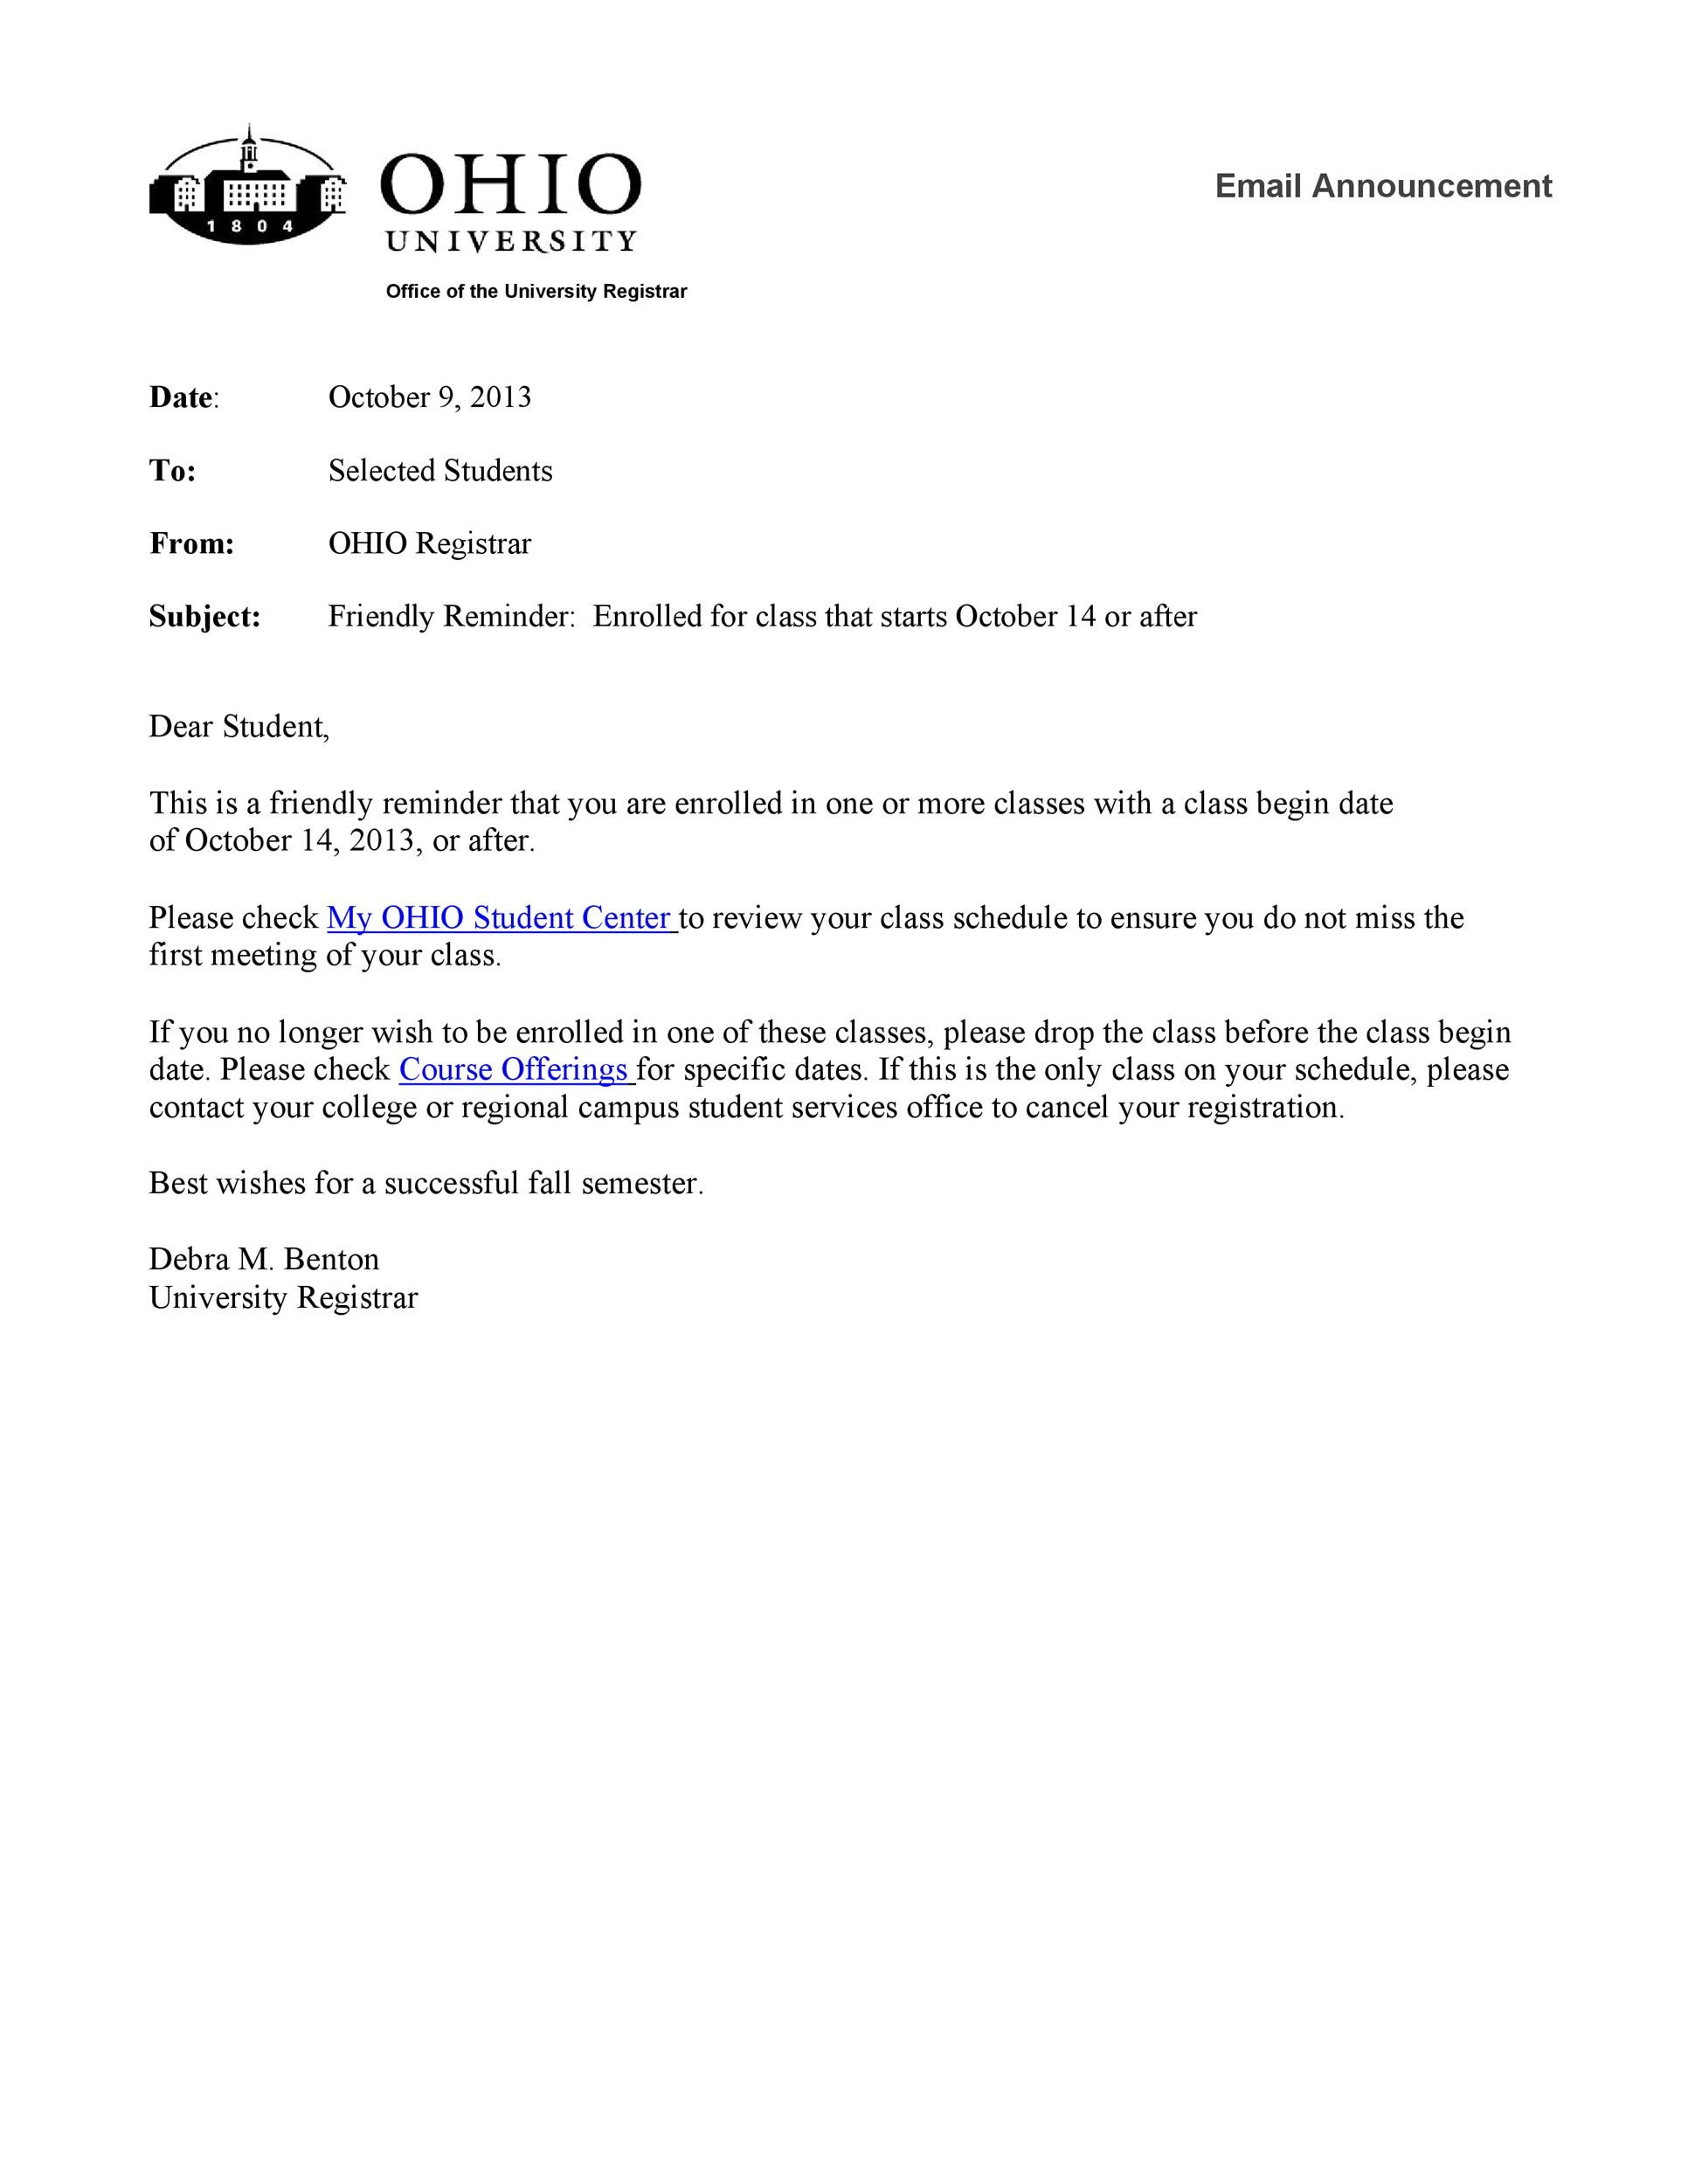 Free reminder email sample 35